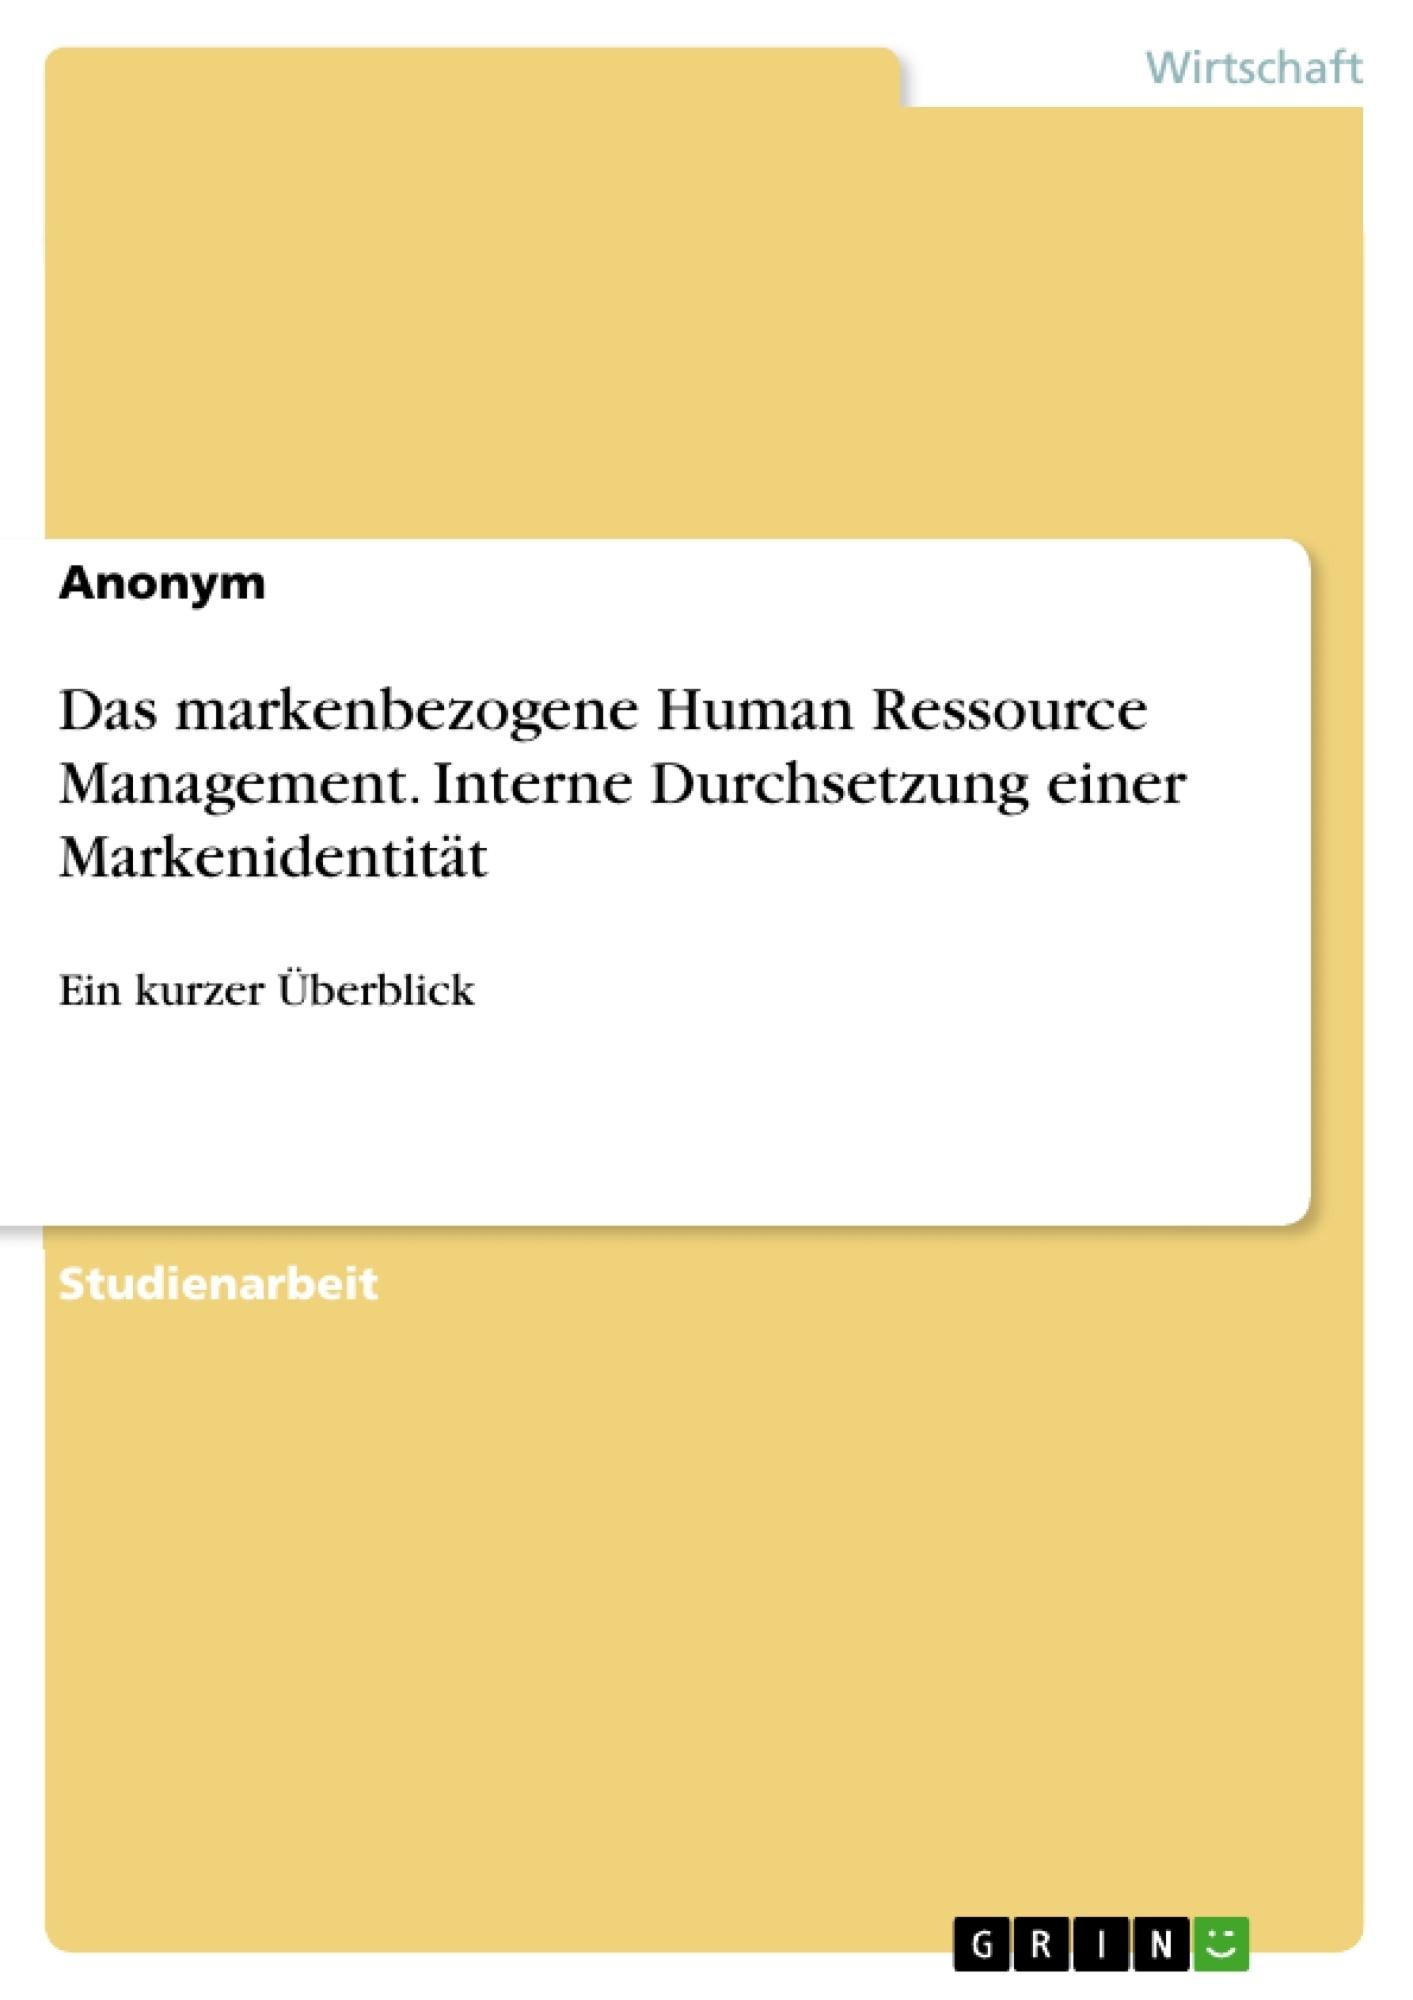 Titel: Das markenbezogene Human Ressource Management. Interne Durchsetzung einer Markenidentität